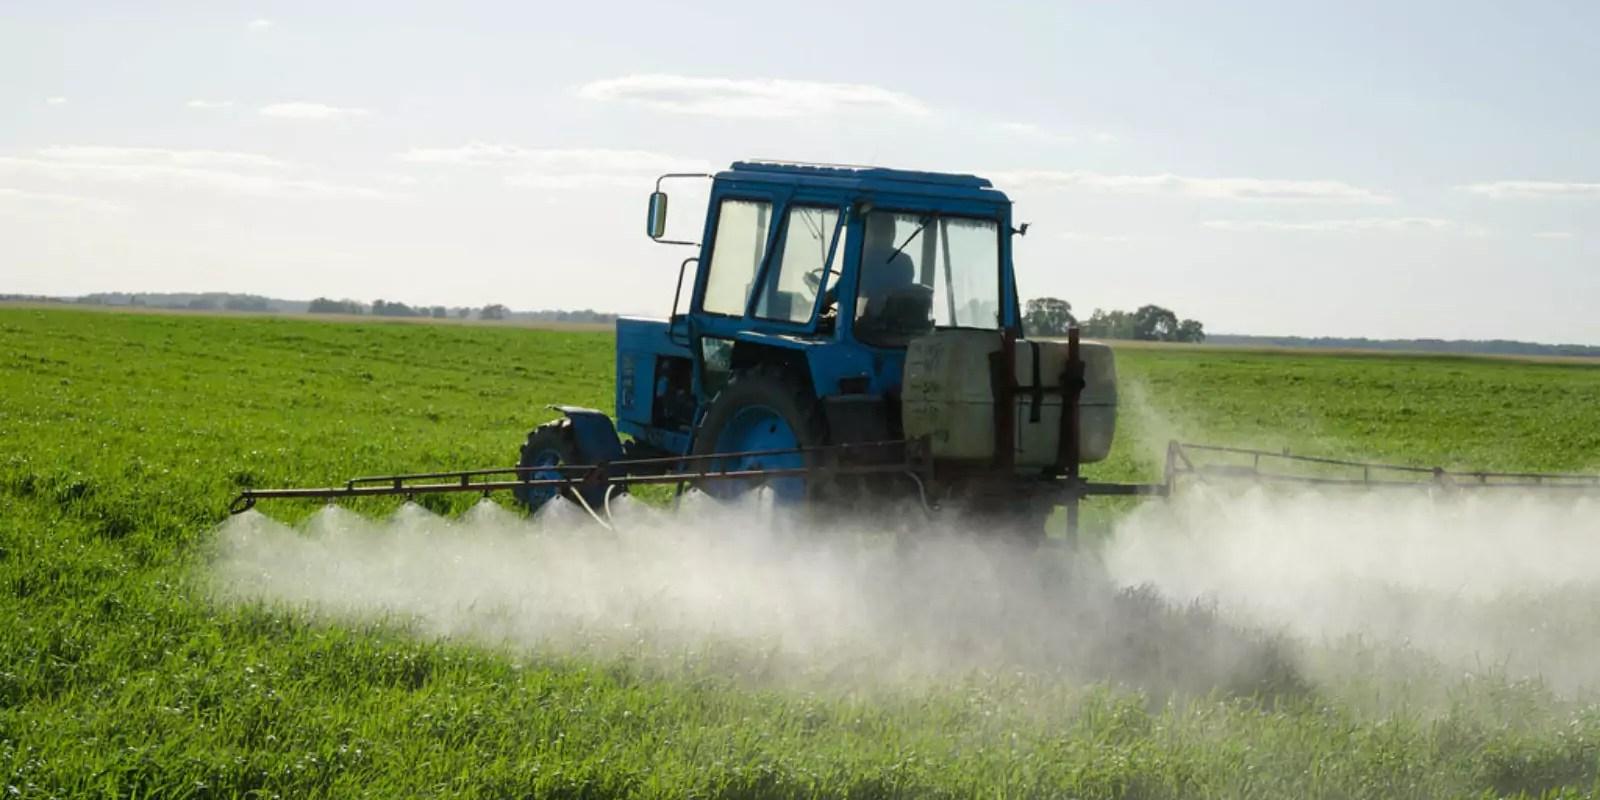 Selon une étude d'Alsace Nature, les fabricants de pesticides omettent des données de toxicité sur leur étiquetage européen